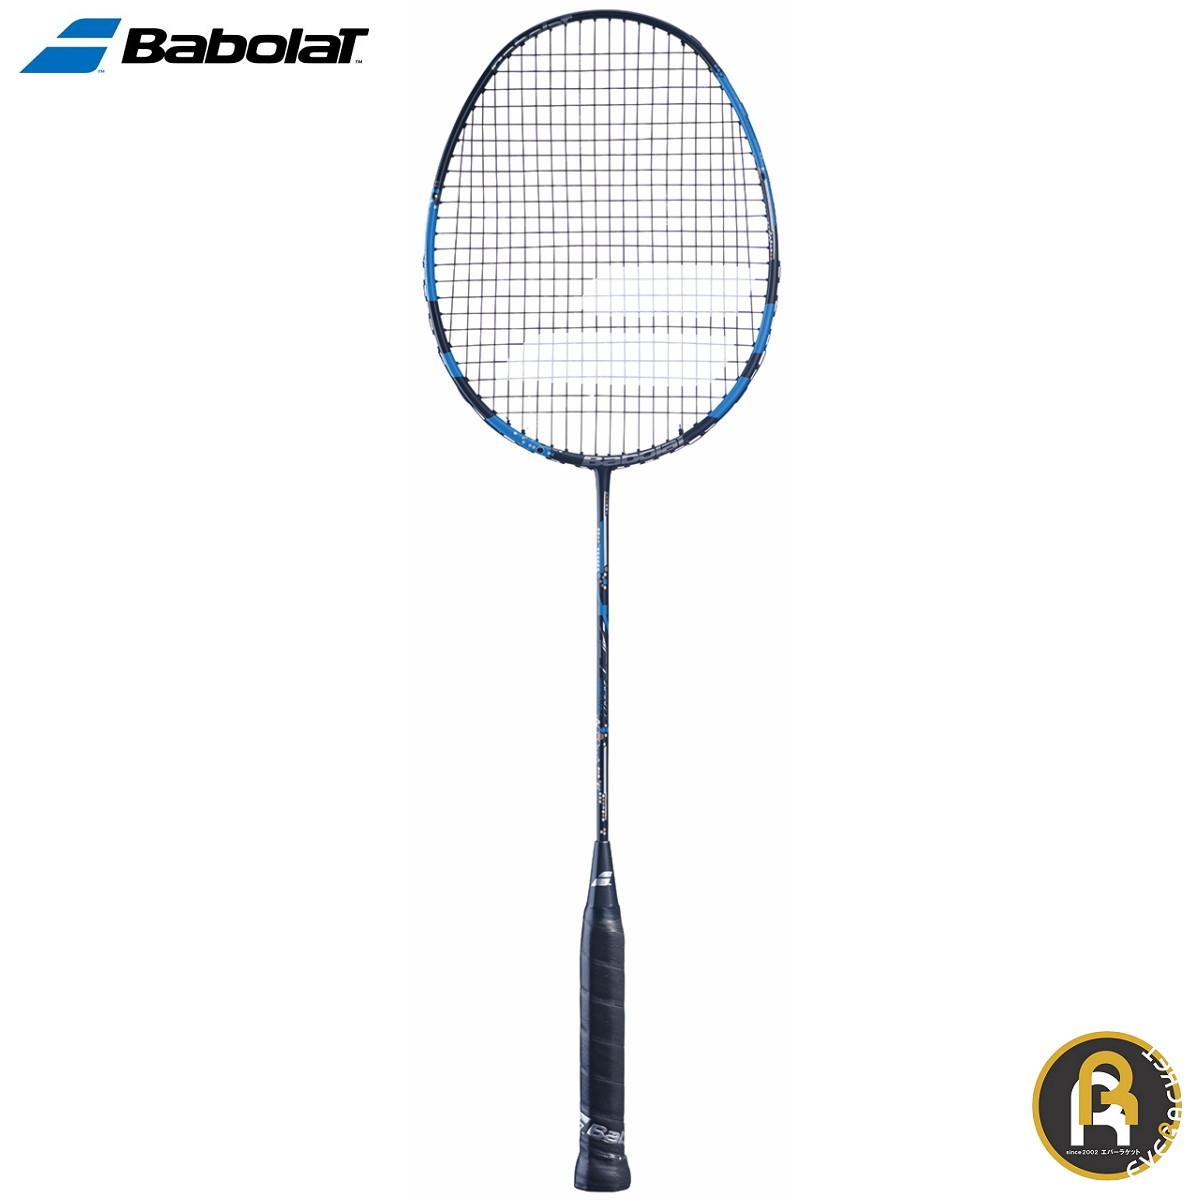 バボラ Babolat バドミントンラケット XTIFESBBF BBF602336 バドミントン 《ガット代・張り代無料》